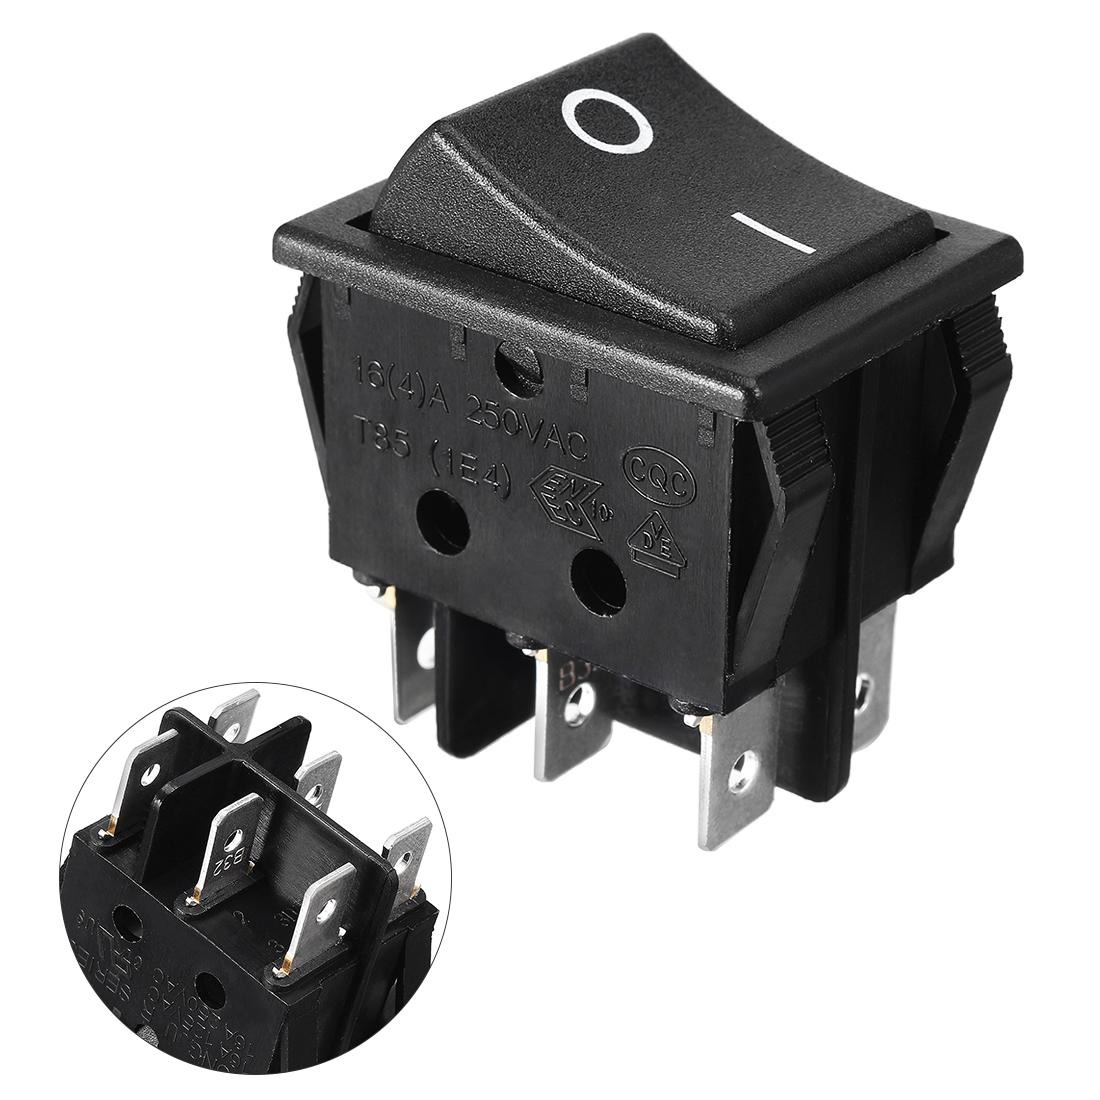 KCD4 DPDT 2 Position I/O 6 Pin 15A/20A AC 250V Rocker Boat Switch Black